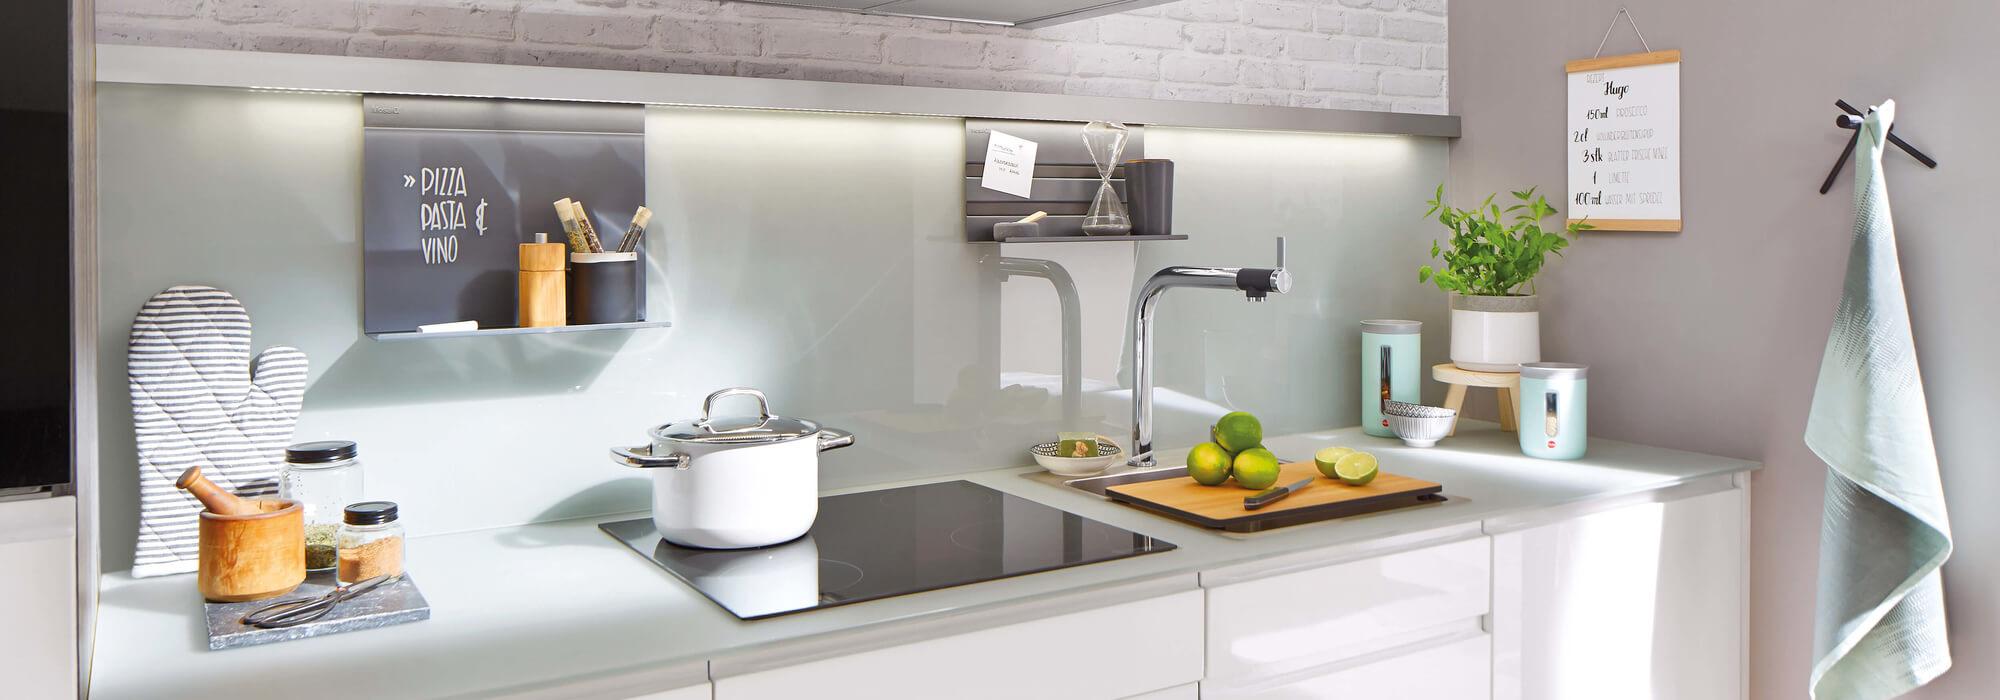 SPRINZ Küchenrückwände aus Glas